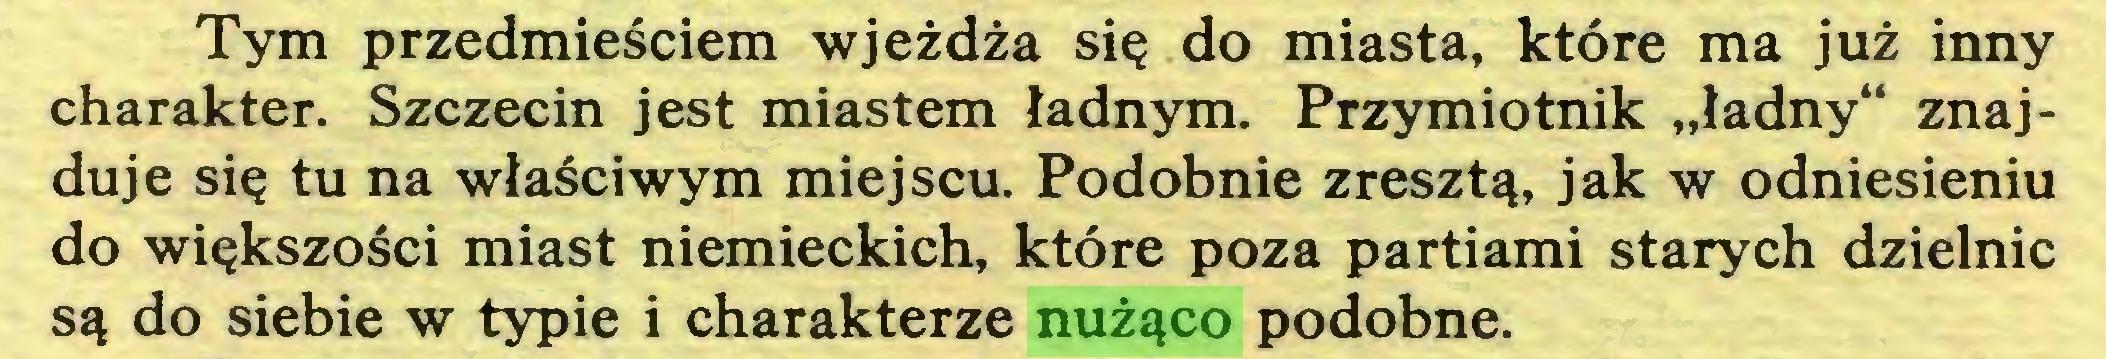 """(...) Tym przedmieściem wjeżdża się do miasta, które ma już inny charakter. Szczecin jest miastem ładnym. Przymiotnik """"ładny"""" znajduje się tu na właściwym miejscu. Podobnie zresztą, jak w odniesieniu do większości miast niemieckich, które poza partiami starych dzielnic są do siebie w typie i charakterze nużąco podobne..."""